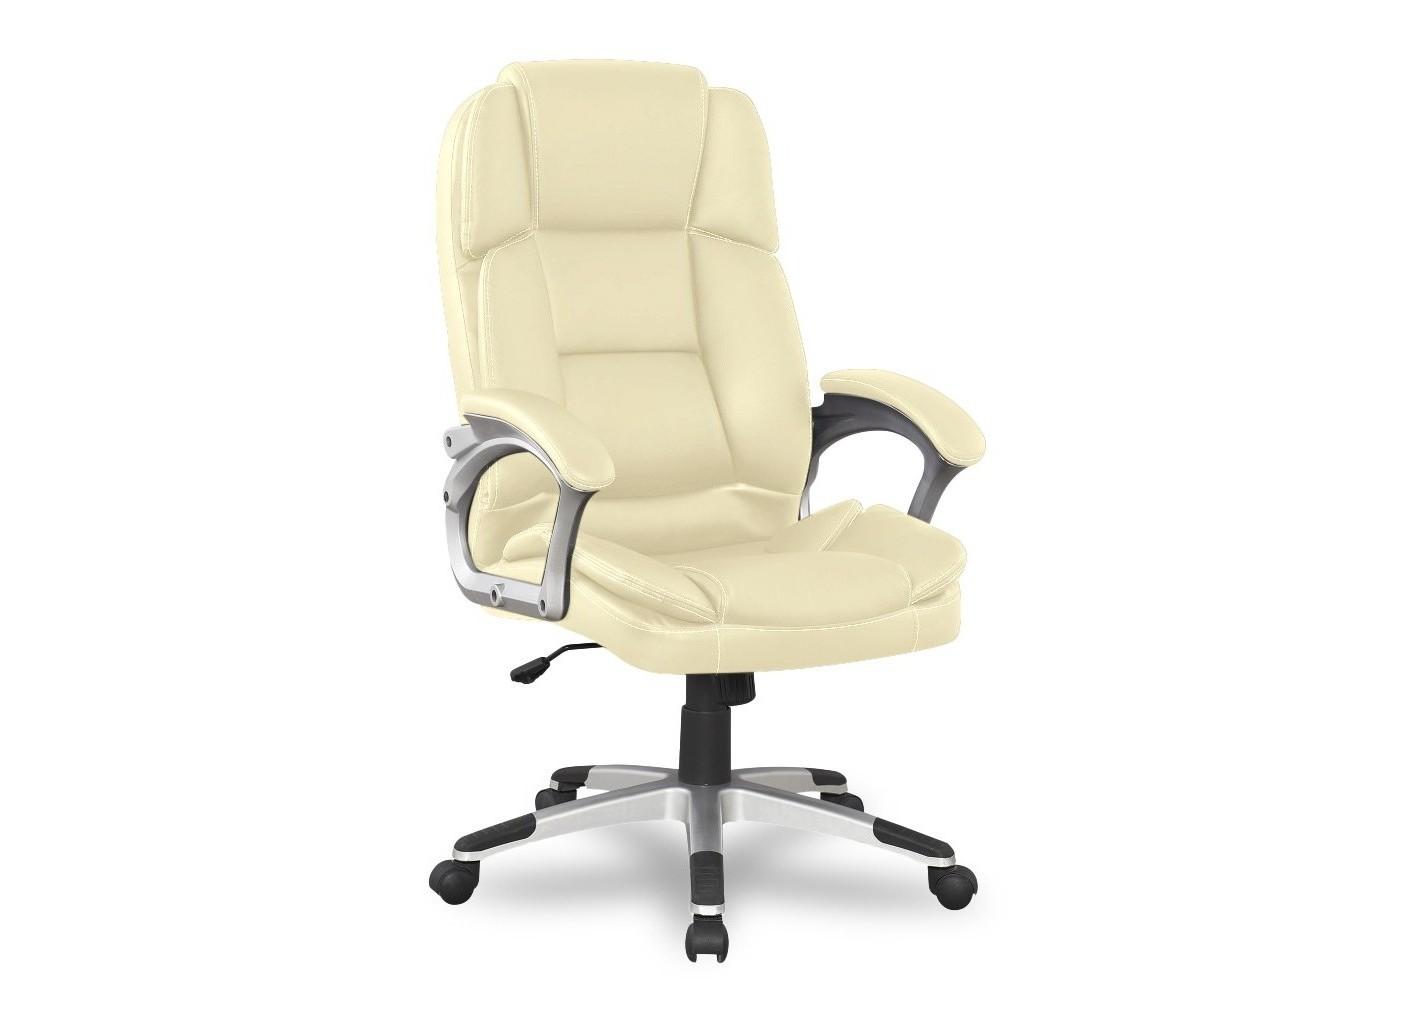 Кресло CollegeРабочие кресла<br>&amp;lt;div&amp;gt;Кресло руководителя бизнес-класса&amp;amp;nbsp;&amp;lt;/div&amp;gt;&amp;lt;div&amp;gt;&amp;lt;br&amp;gt;&amp;lt;/div&amp;gt;&amp;lt;div&amp;gt;Конструкция:&amp;amp;nbsp;&amp;lt;/div&amp;gt;&amp;lt;div&amp;gt;Механизм качания с регулировкой под вес и фиксацией в вертикальном положении&amp;amp;nbsp;&amp;lt;/div&amp;gt;&amp;lt;div&amp;gt;Регулировка высоты (газлифт)&amp;amp;nbsp;&amp;lt;/div&amp;gt;&amp;lt;div&amp;gt;Подлокотники выполнены из ударопрочного пластика с мягкими накладками.&amp;amp;nbsp;&amp;lt;/div&amp;gt;&amp;lt;div&amp;gt;Материал обивки: кожа PU&amp;amp;nbsp;&amp;lt;/div&amp;gt;&amp;lt;div&amp;gt;Ограничение по весу: 120 кг&amp;lt;/div&amp;gt;<br><br>Material: Кожа<br>Width см: 65<br>Depth см: 69<br>Height см: 120